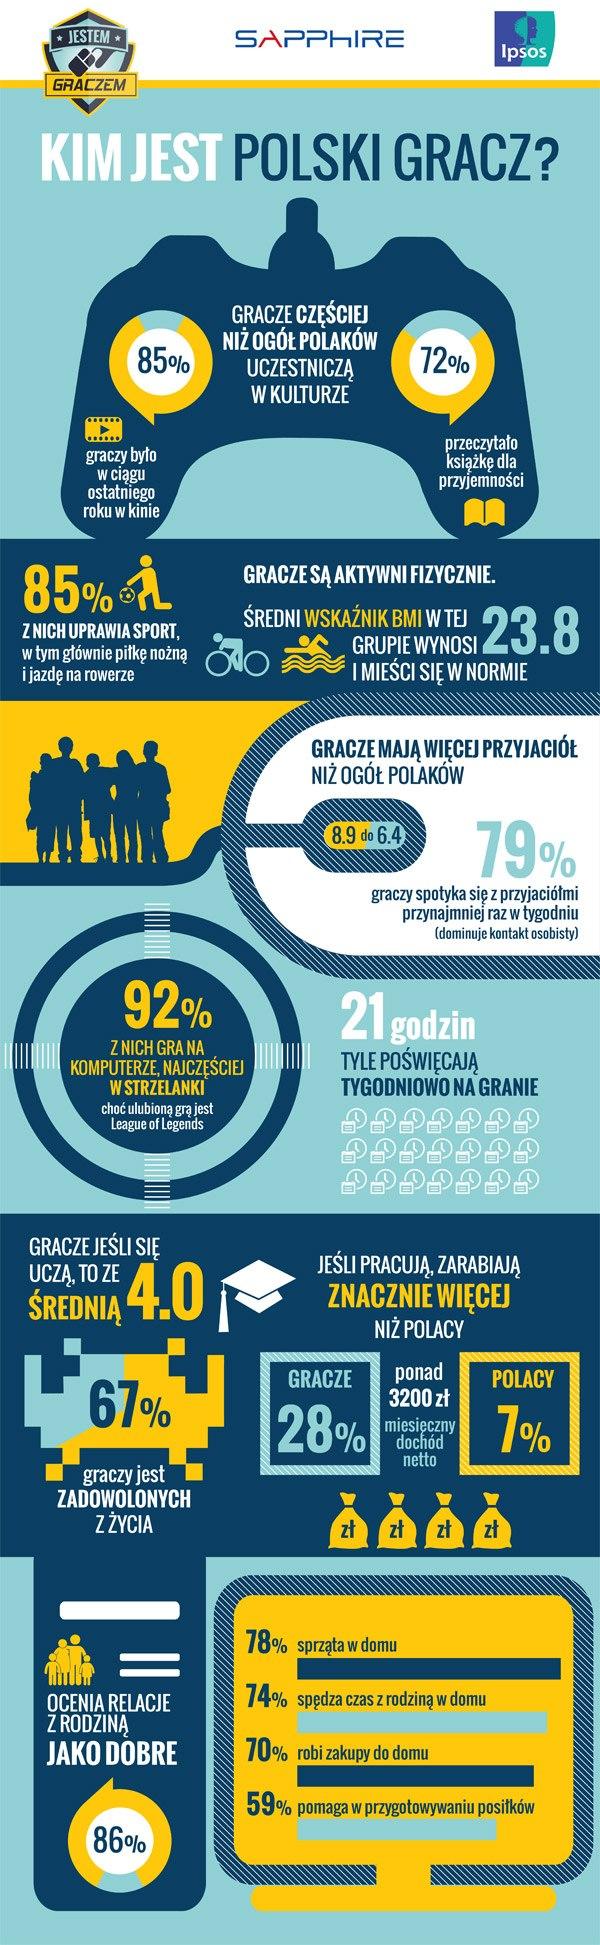 Infografika mówi o nas wszystko!